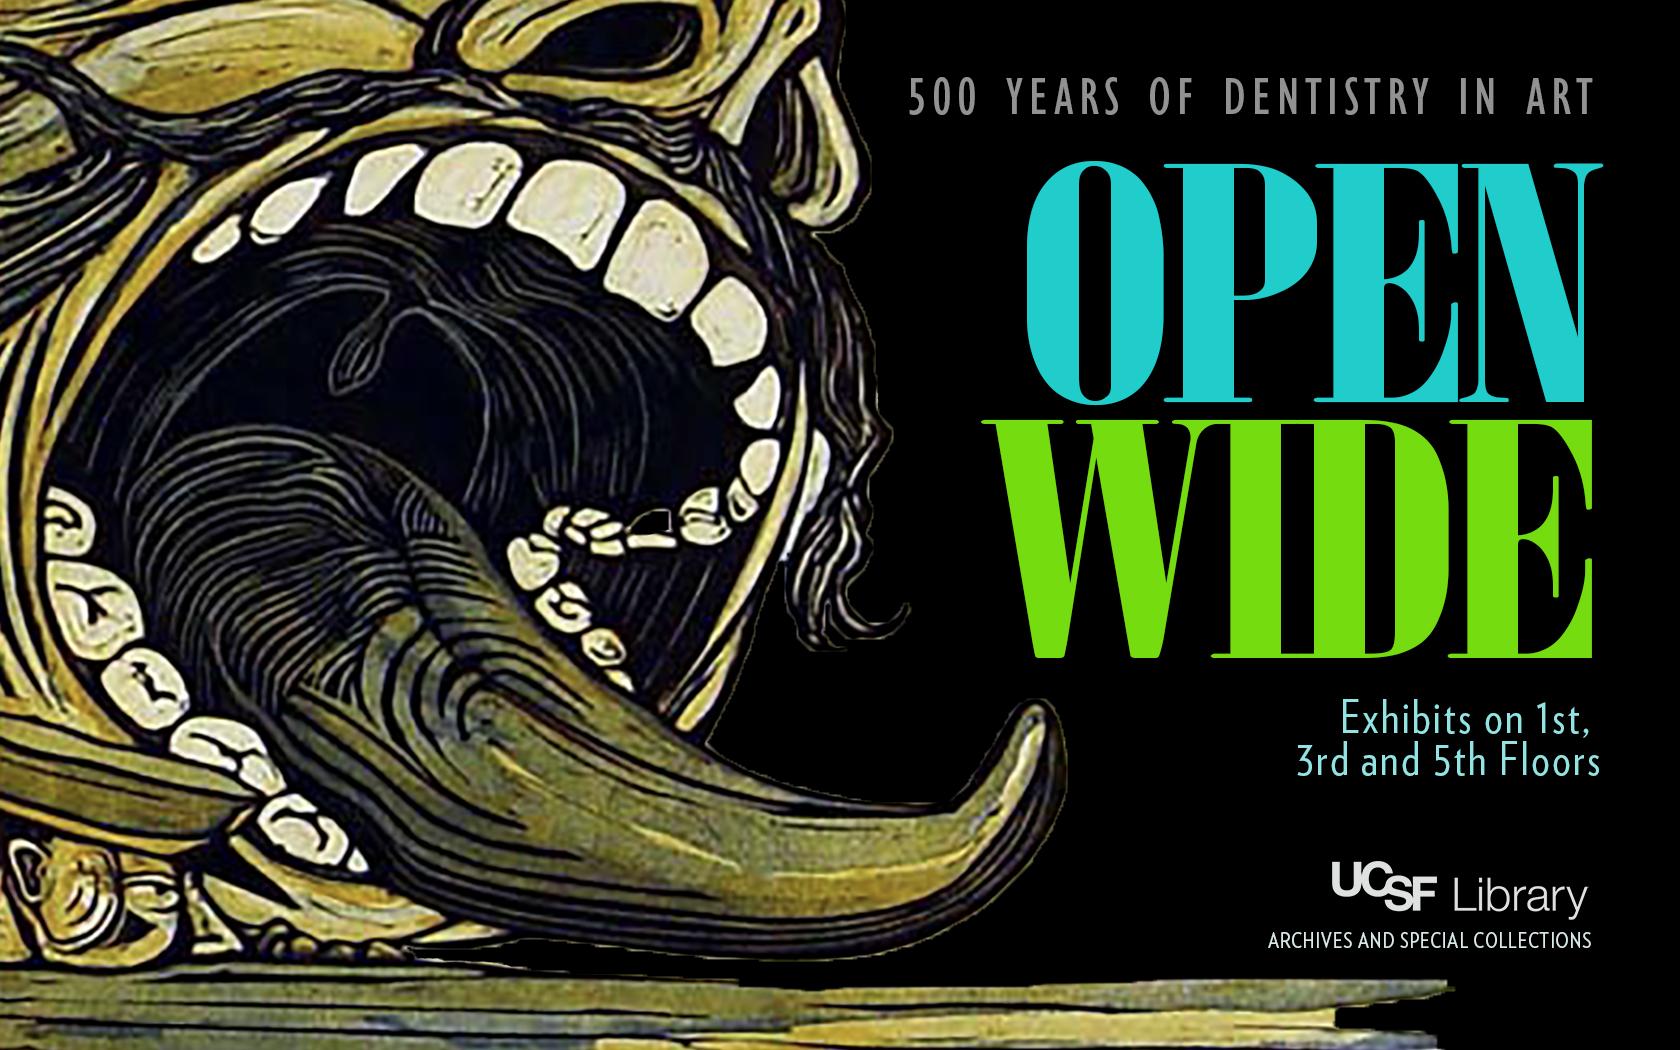 Open Wide: 500 Years of Dentistry in Art